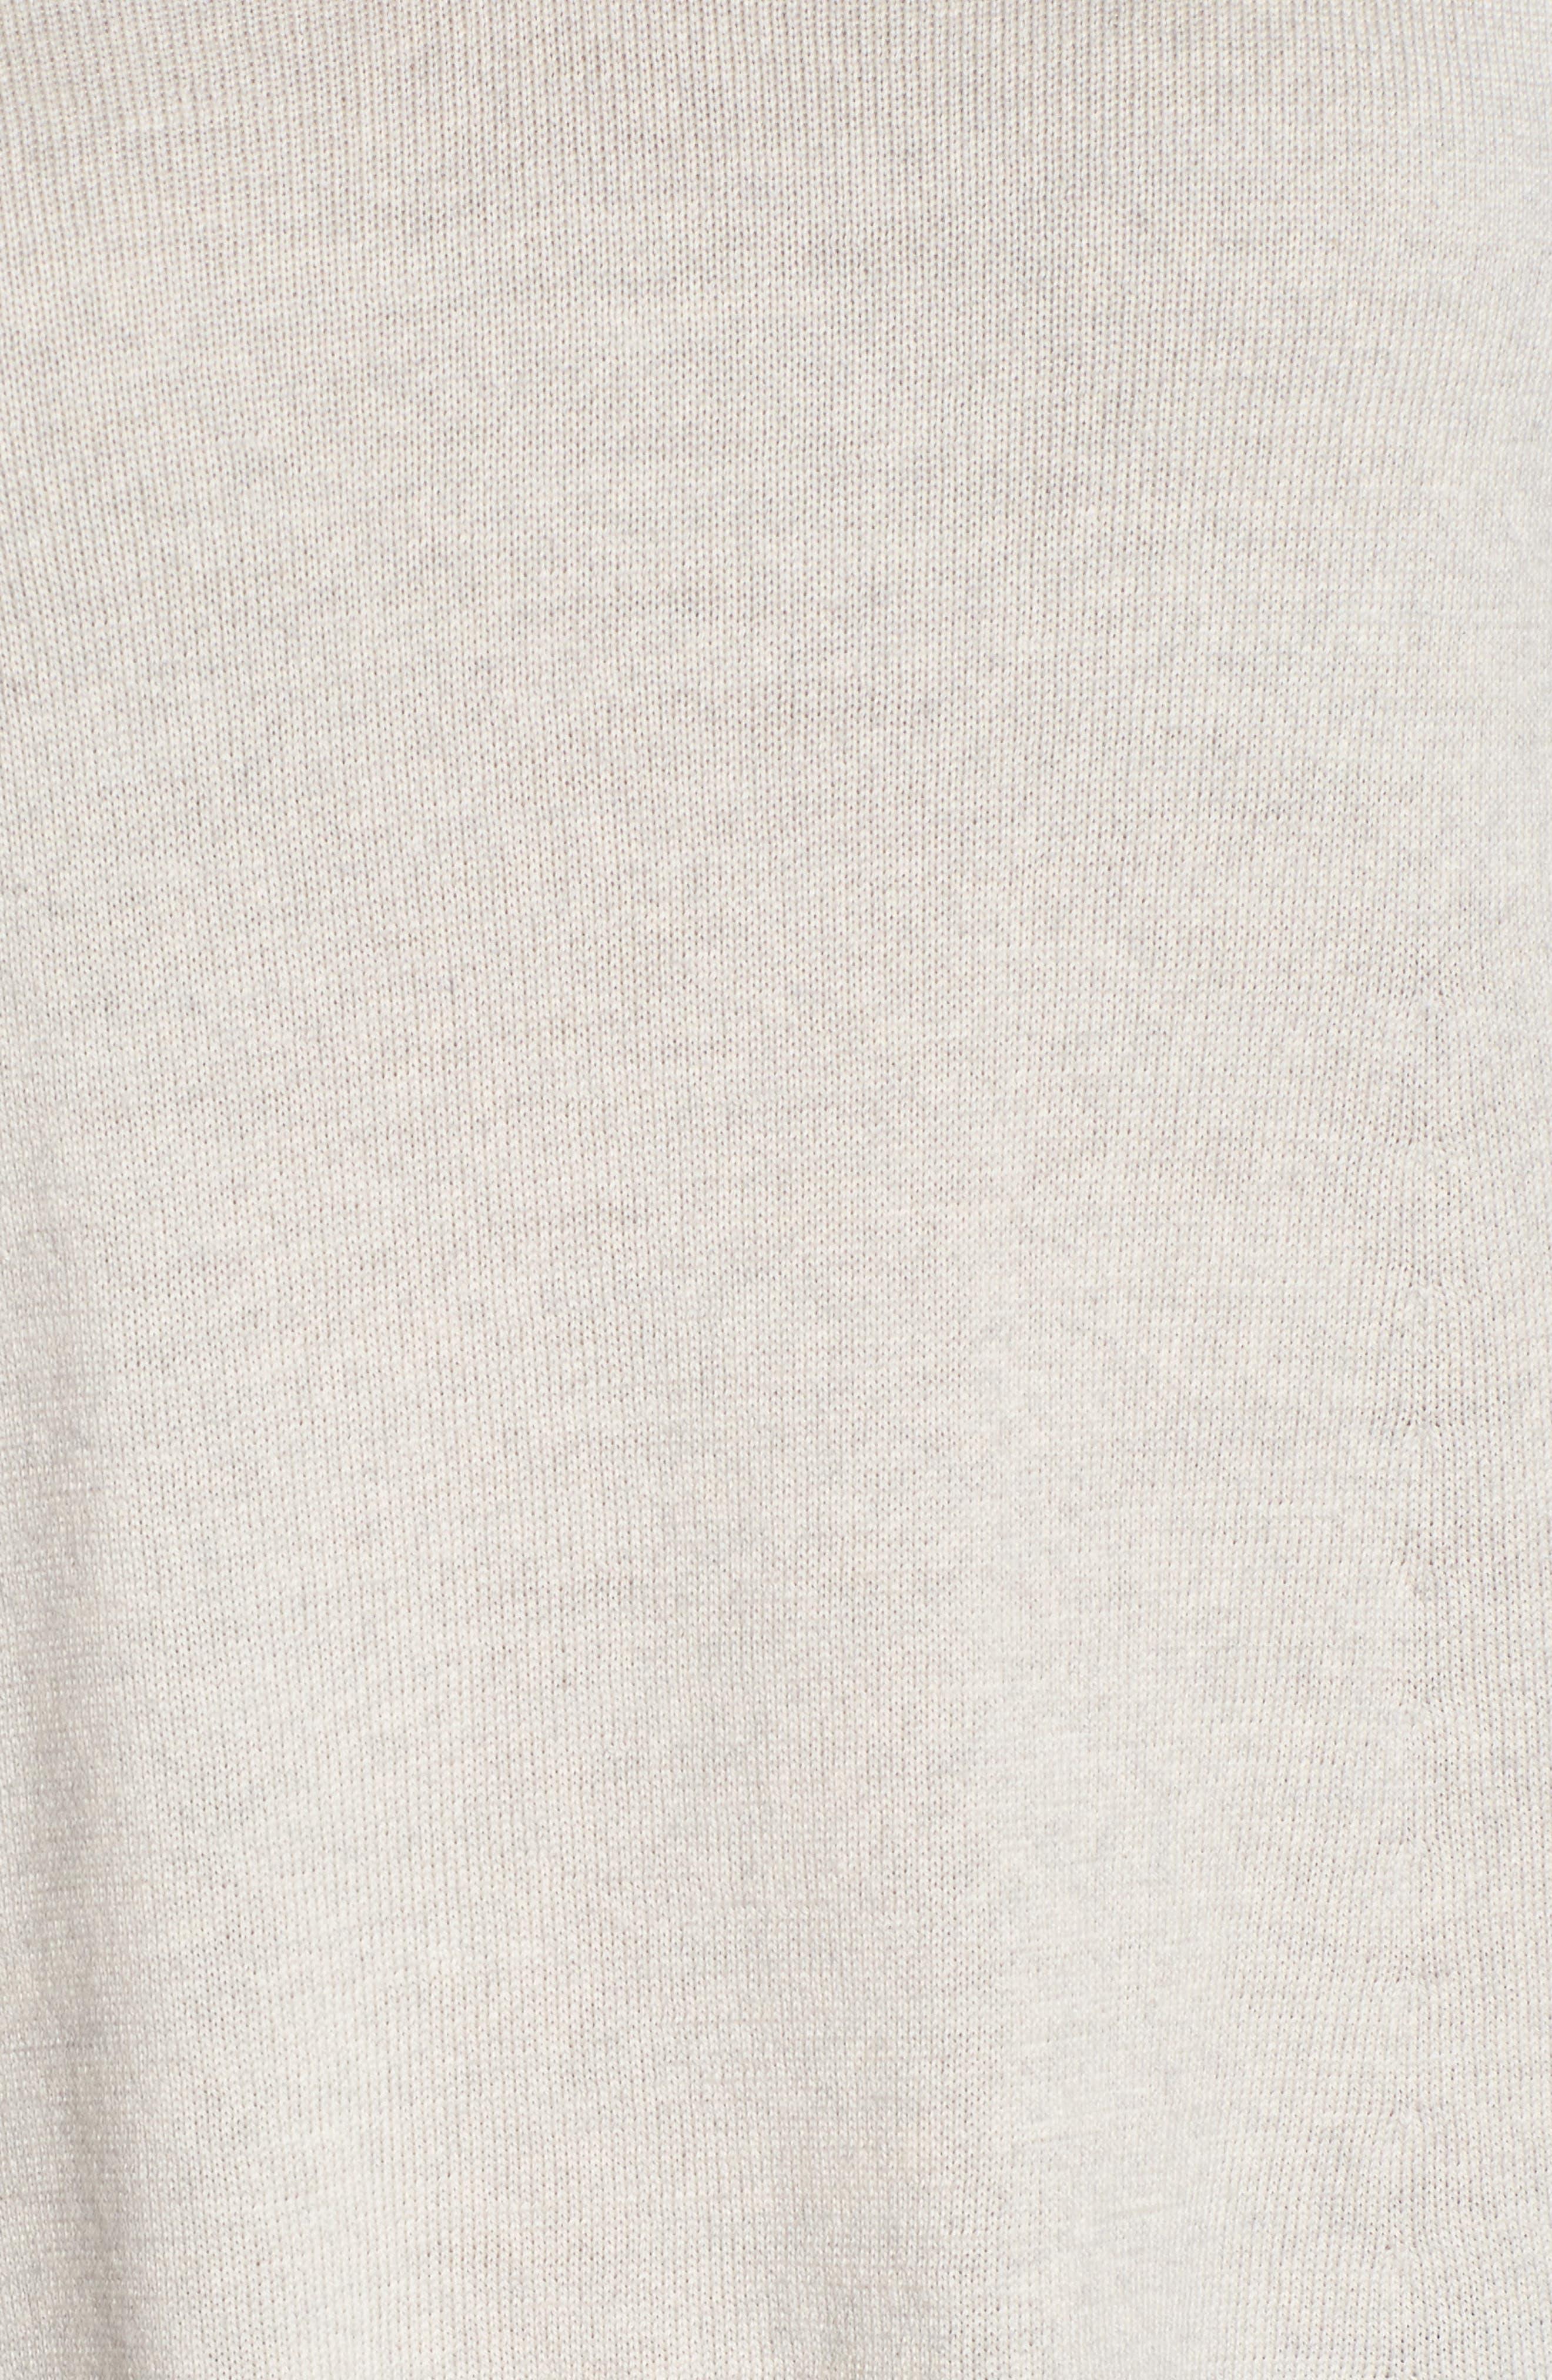 Lightweight Merino Jersey V-Neck Tunic,                             Alternate thumbnail 5, color,                             Maple Oat